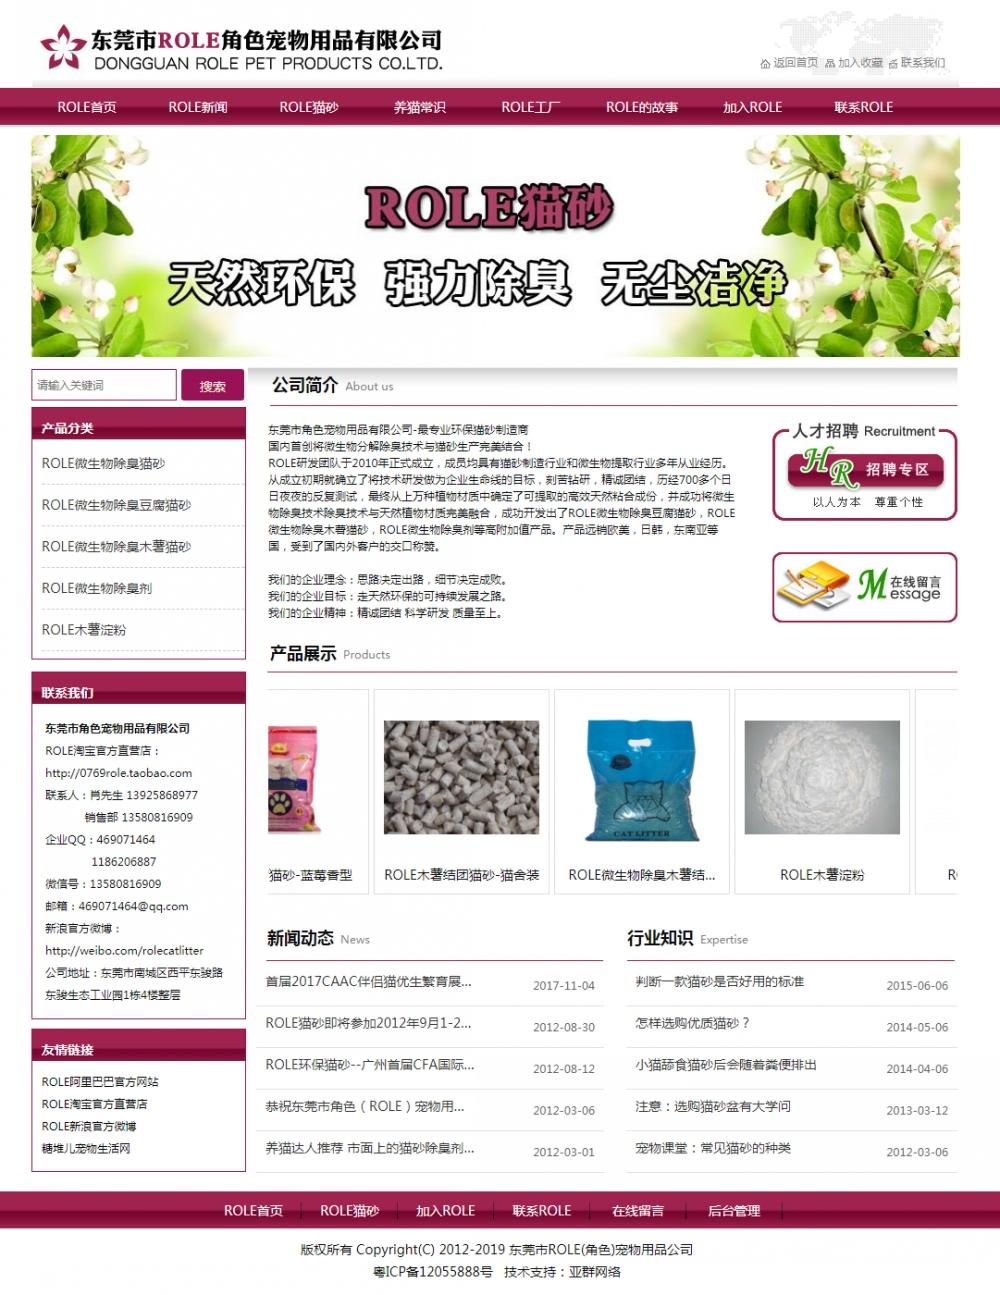 猫砂/宠物用品网站建设案例